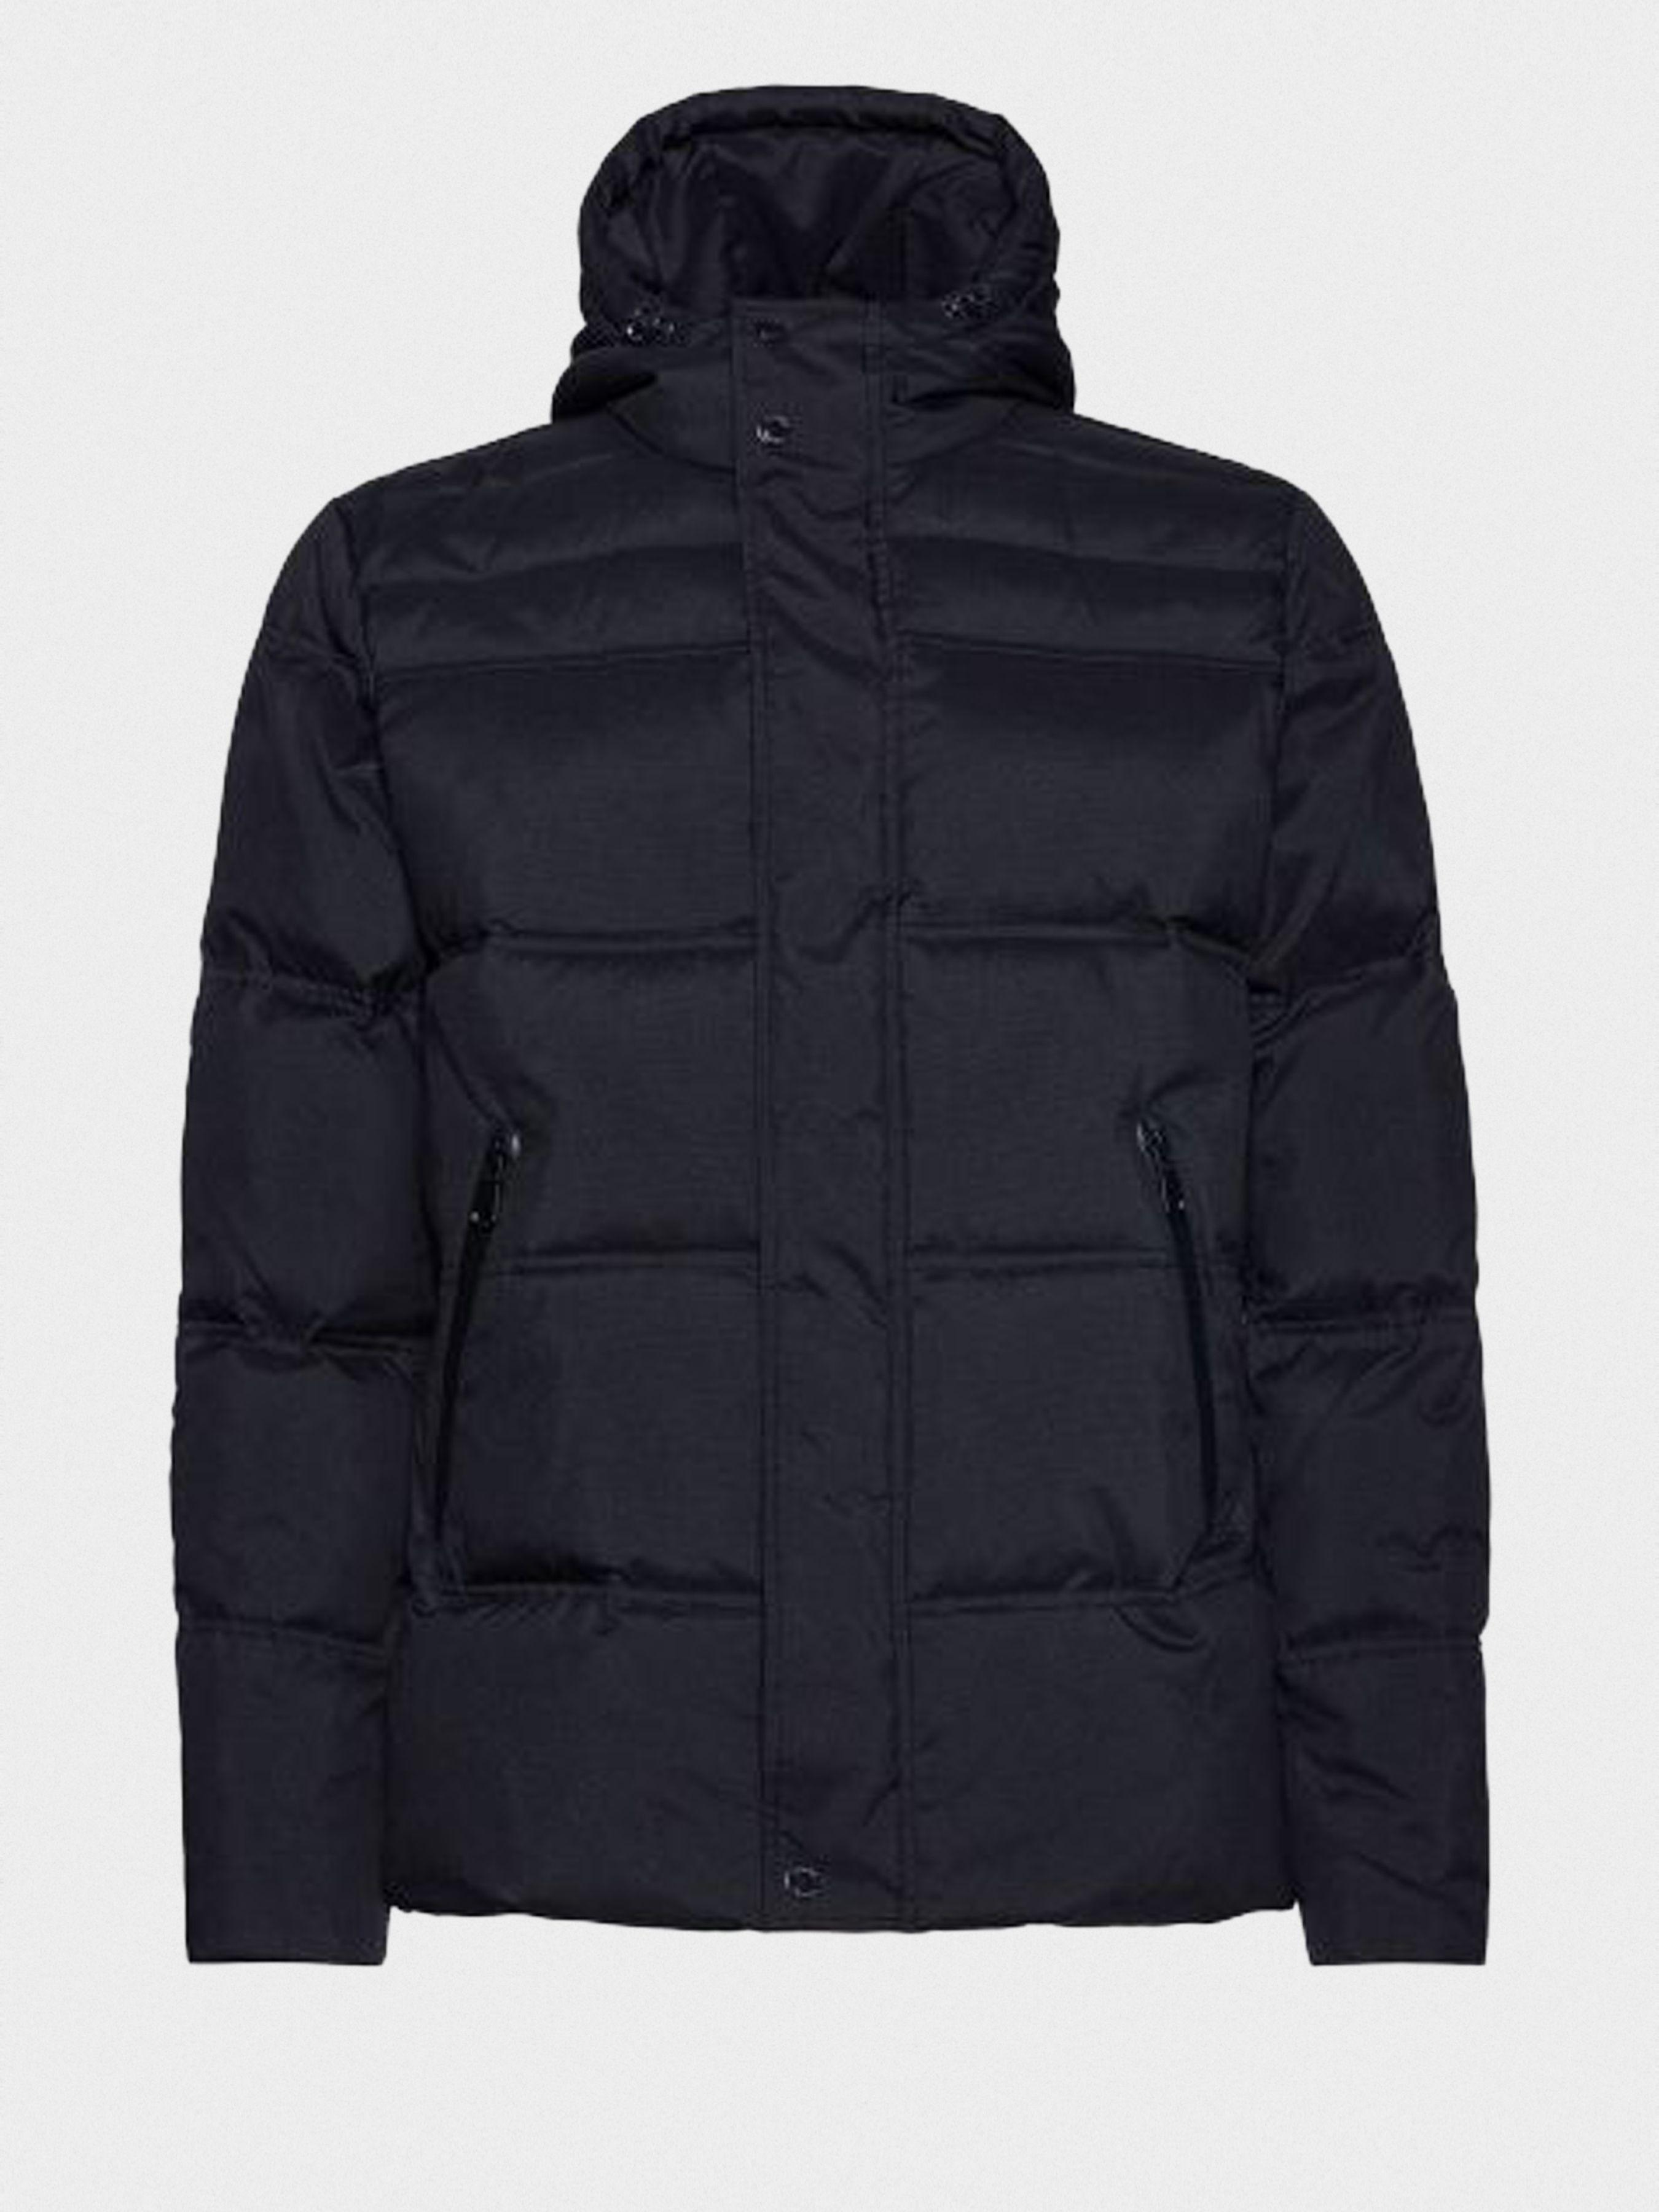 Куртка мужские Geox модель XA5992 отзывы, 2017